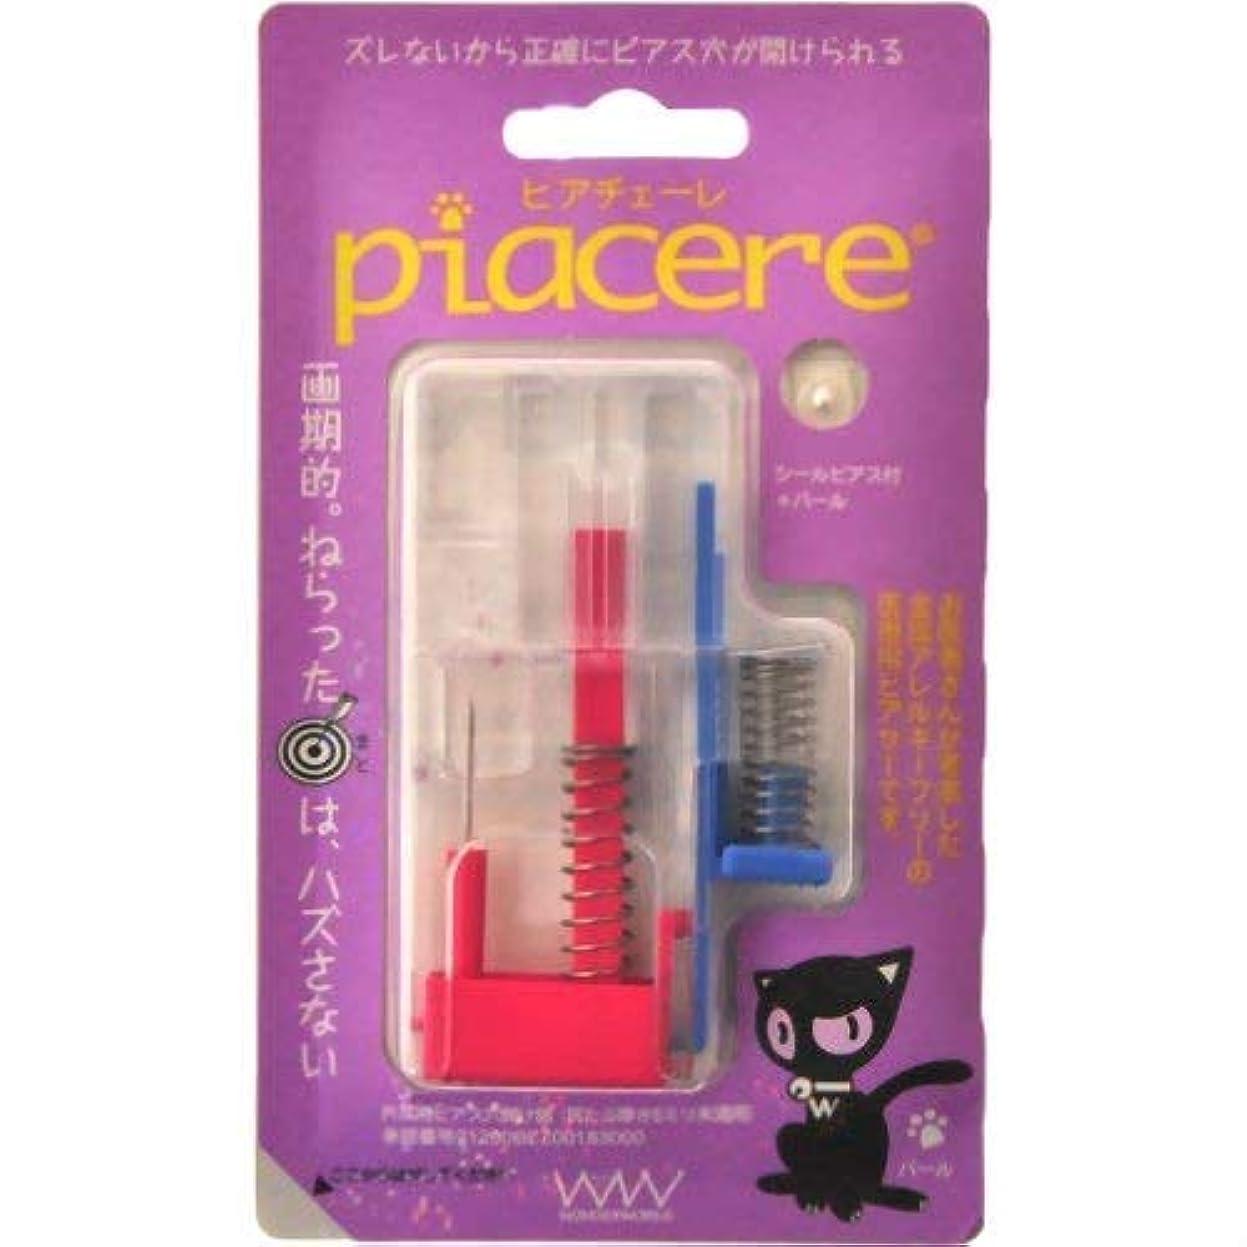 スコアインレイ卑しいピアッサー ピアチェーレ 金属アレルギーフリー医療用樹脂製ピアサー piacere ピアッシング クリスタル